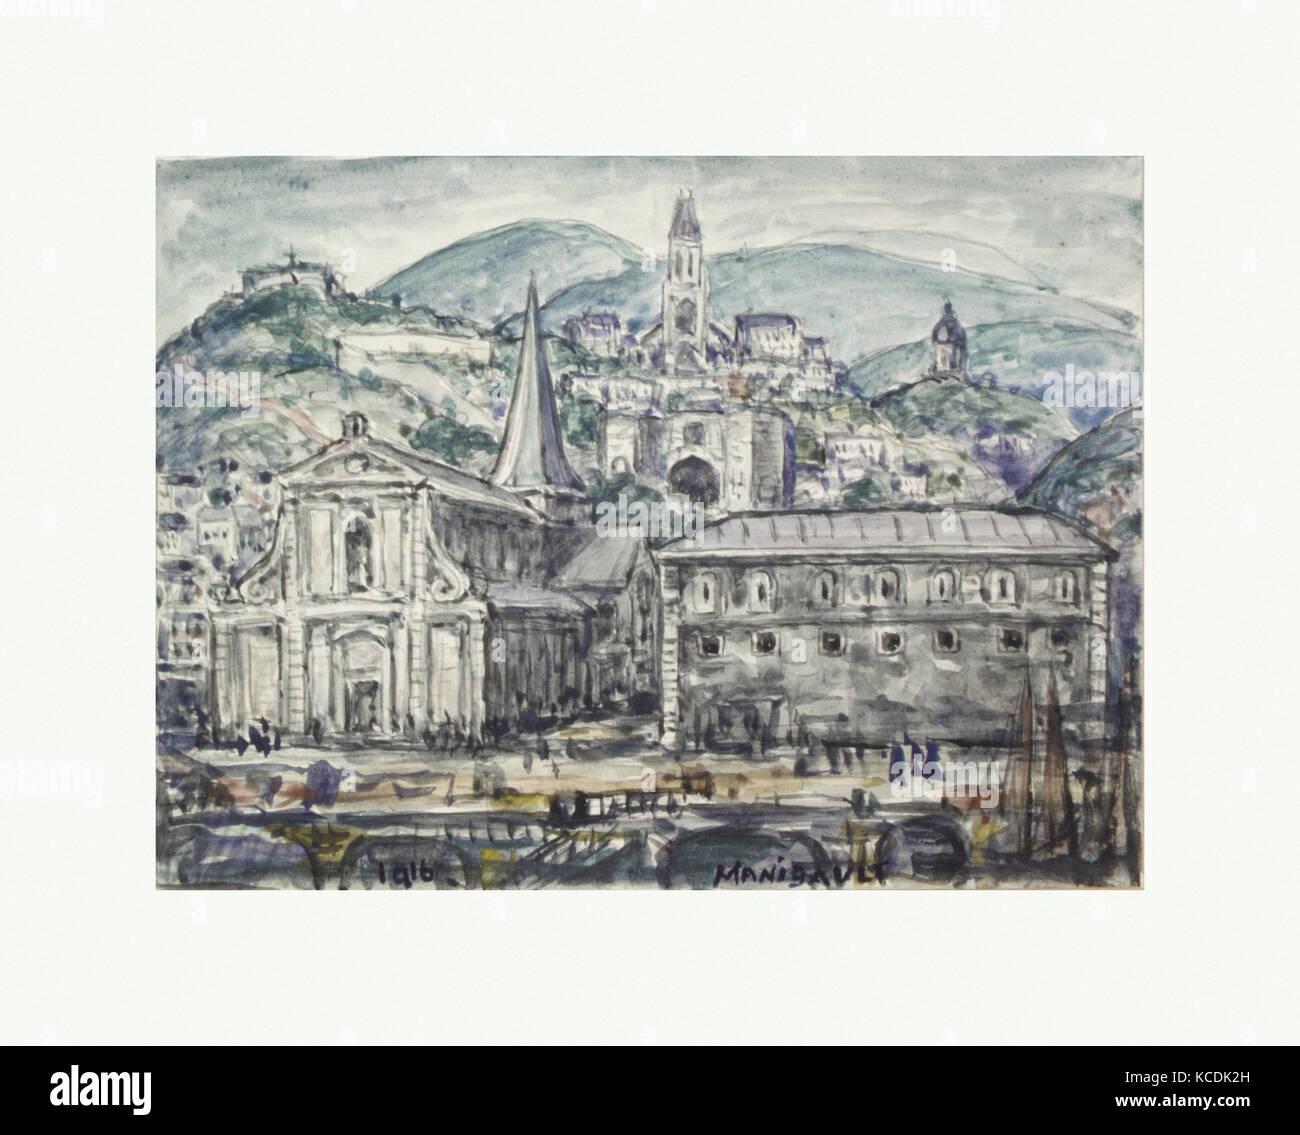 Eine Stadt in Frankreich, 1916, Aquarell auf Papier, 5 1/2 x 7 3/4 in. (14 x 19,7 cm), Zeichnungen, e. Middleton Stockbild